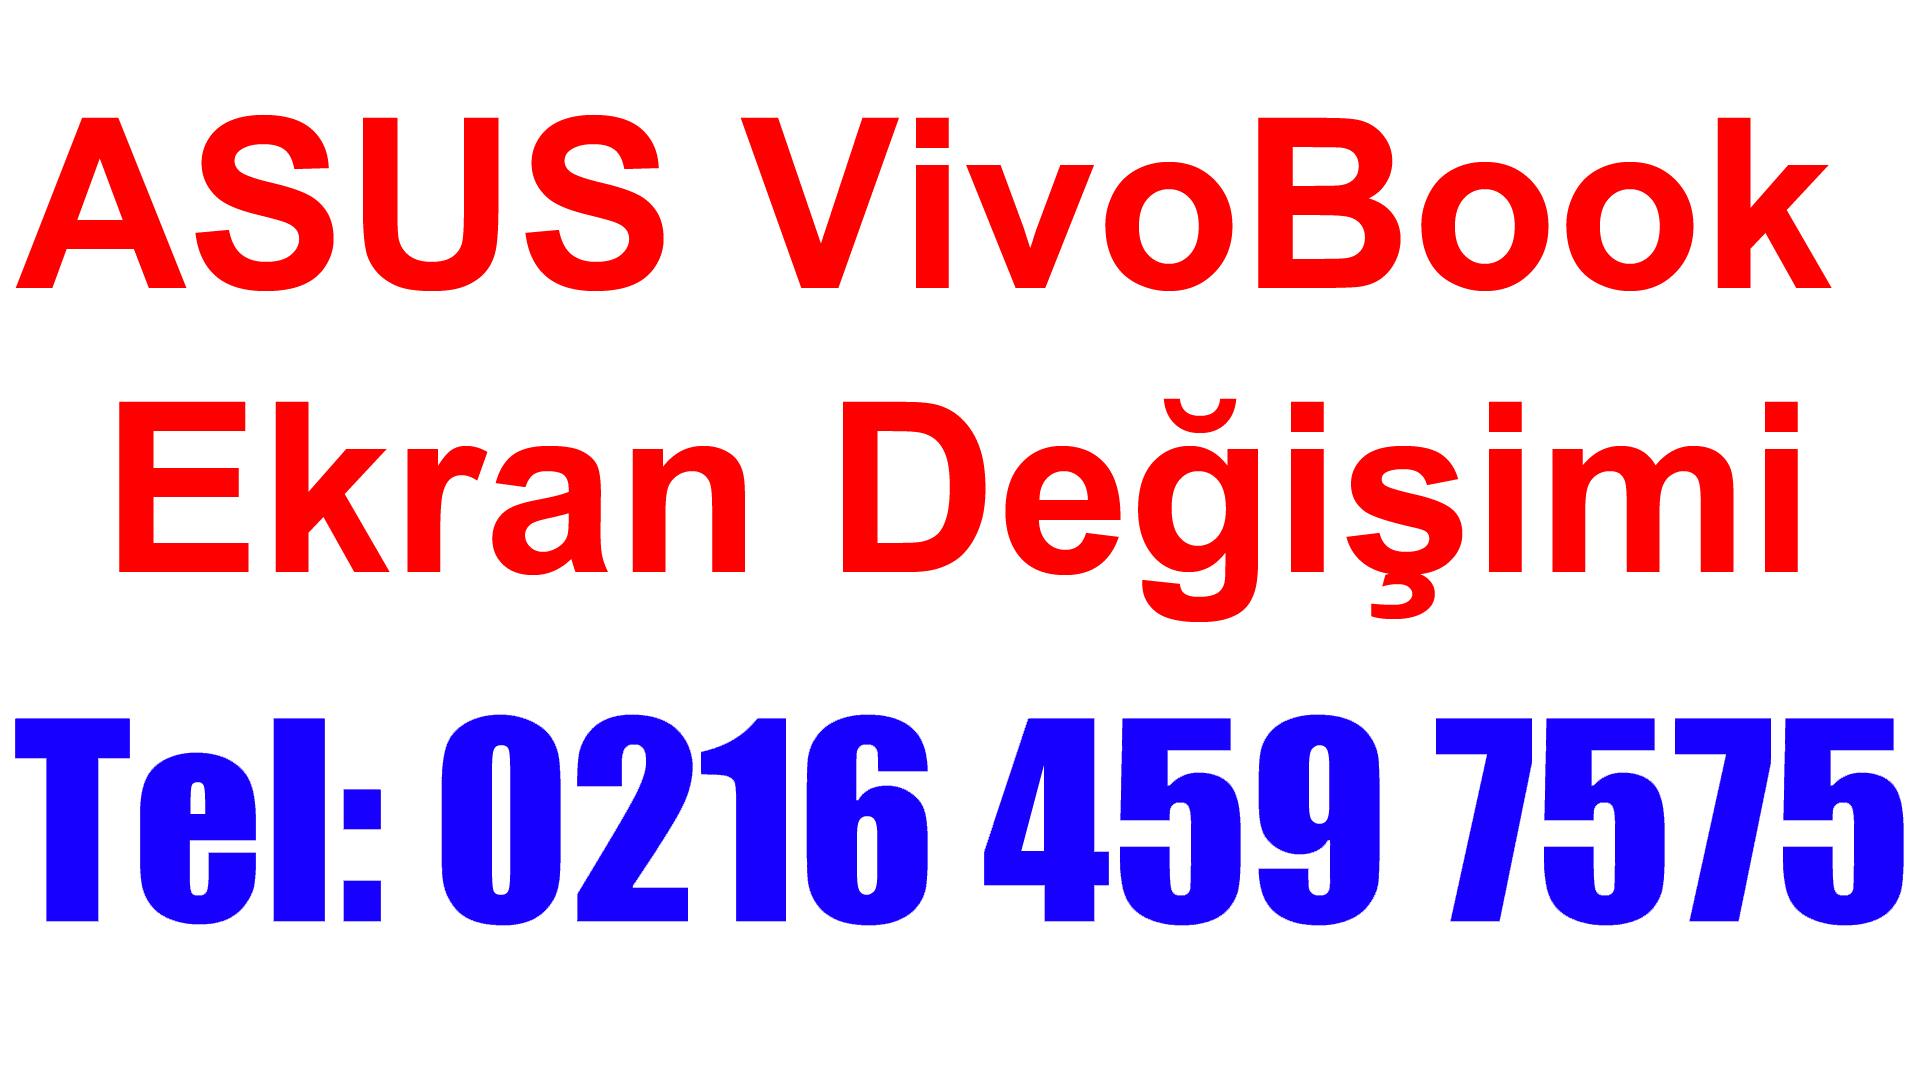 ASUS VivoBook Ekran Değişimi